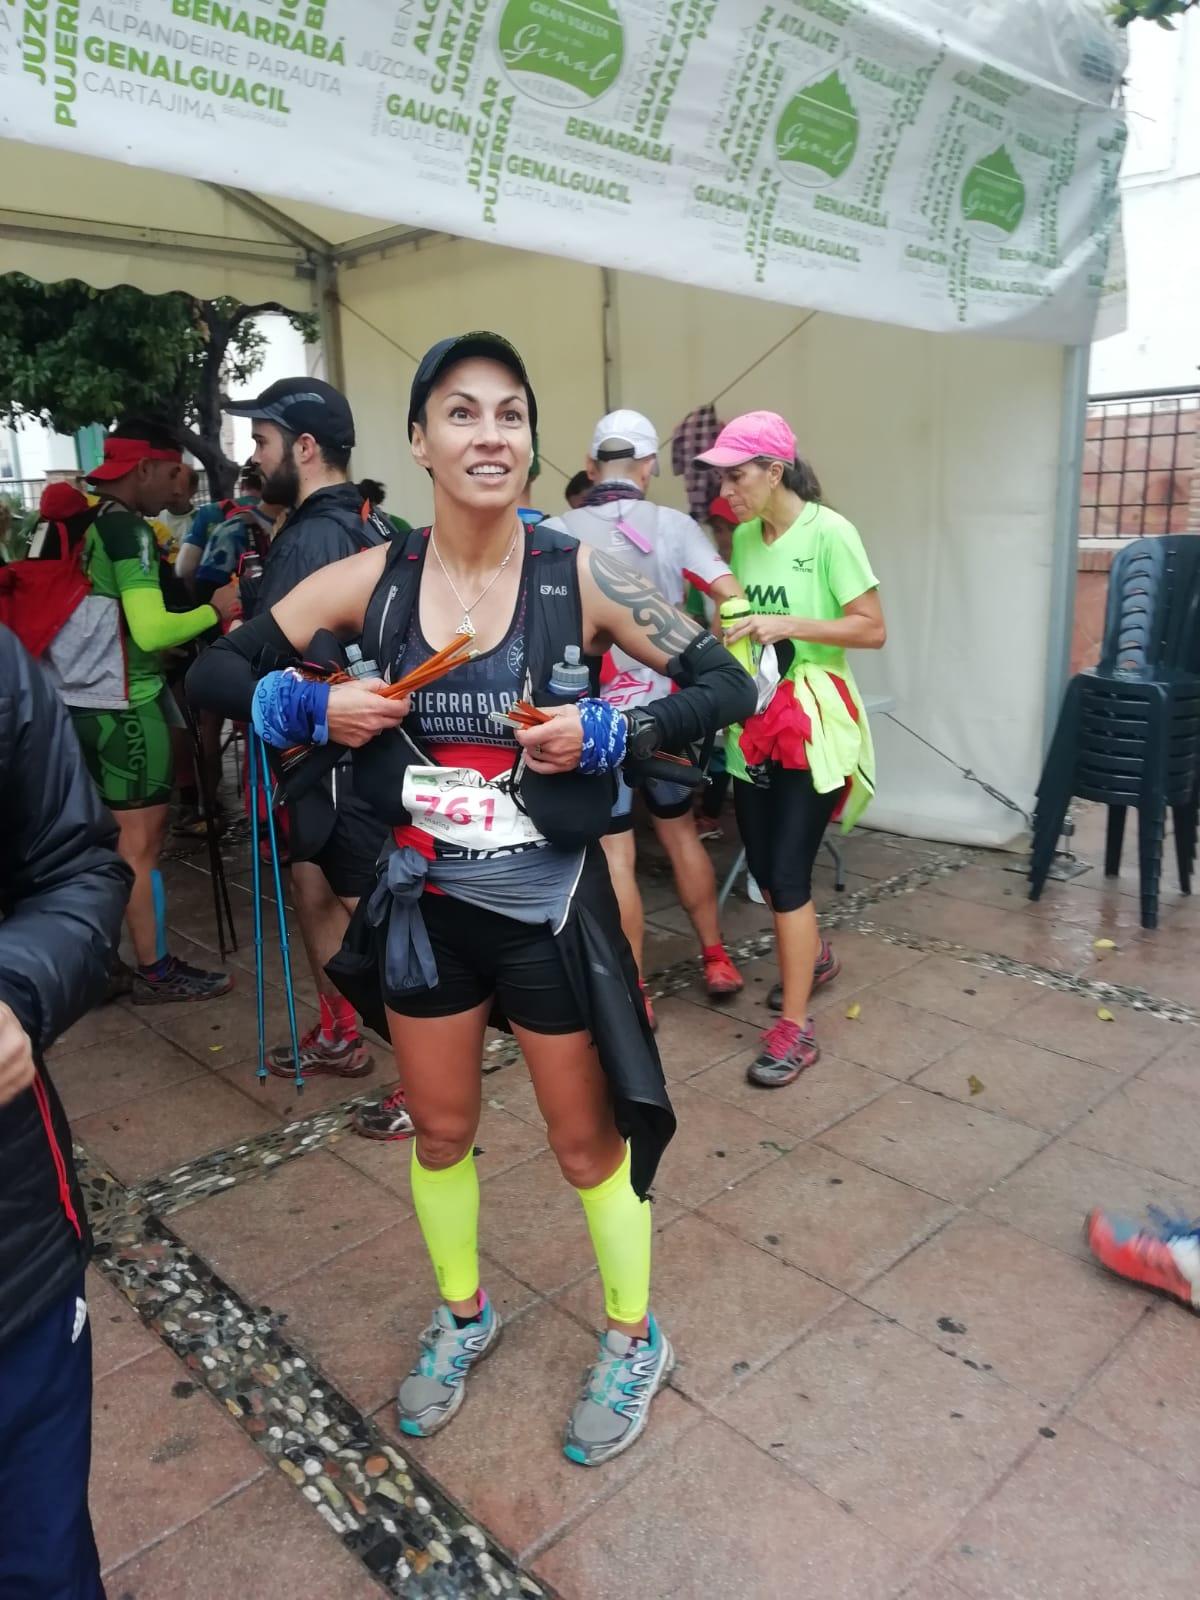 trail-valle-del-genal-2018-17